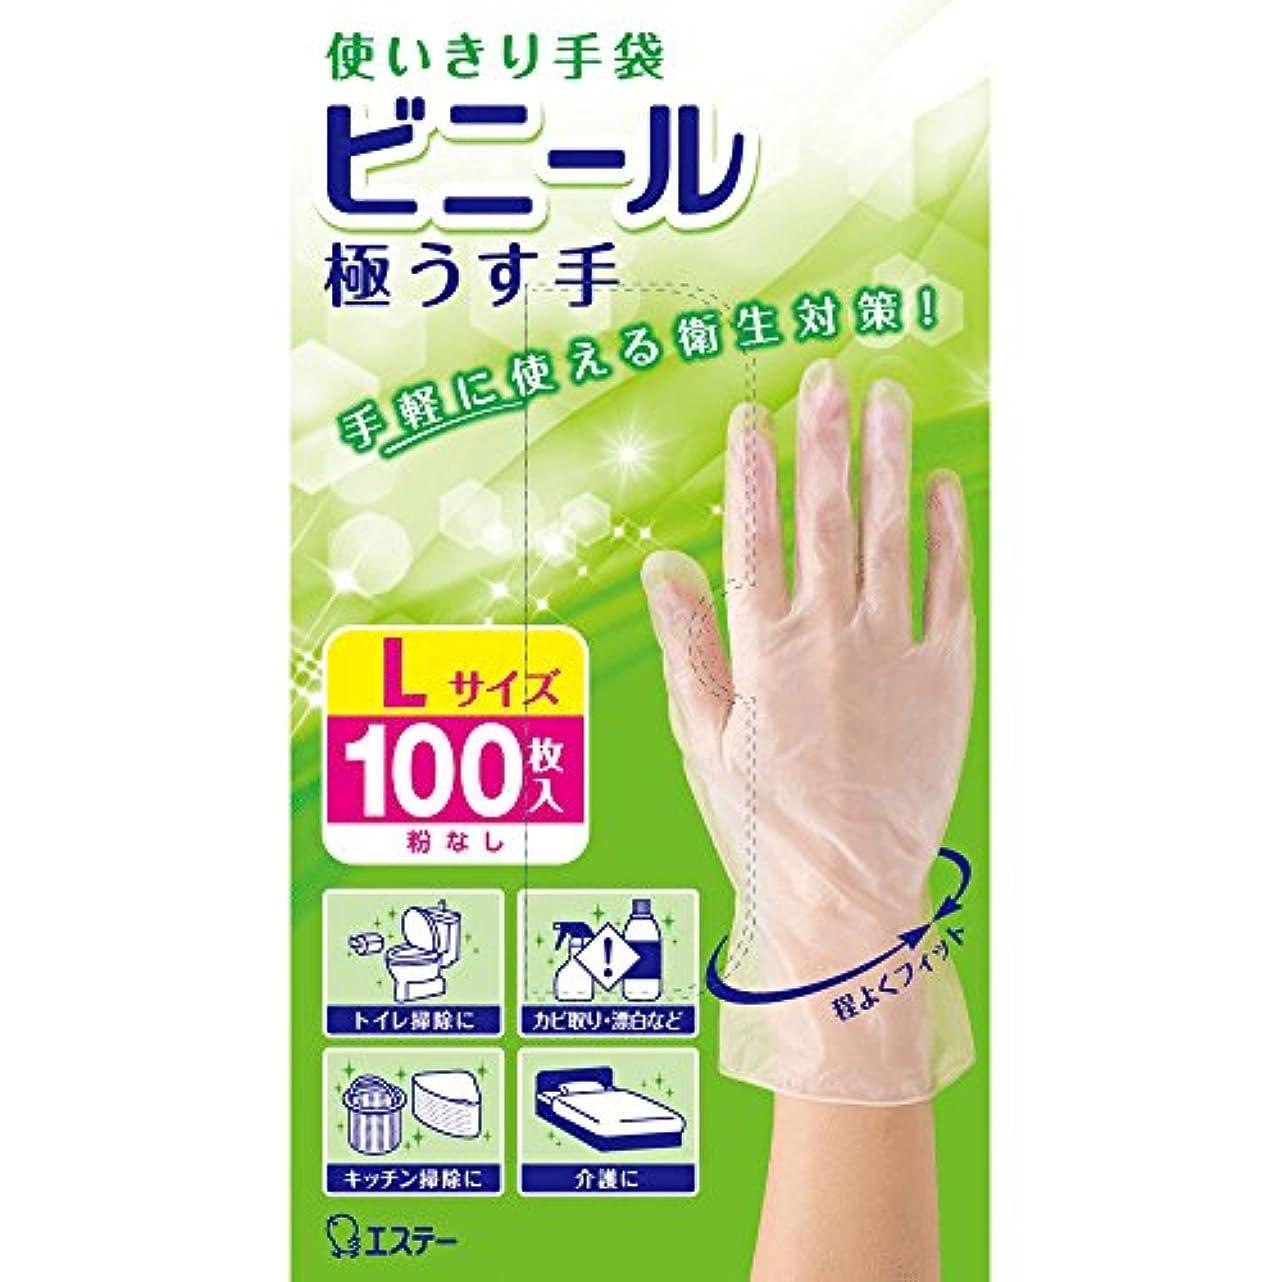 くぼみ普遍的な余暇使いきり手袋 ビニール 極うす手 炊事?掃除用 Lサイズ 半透明 100枚